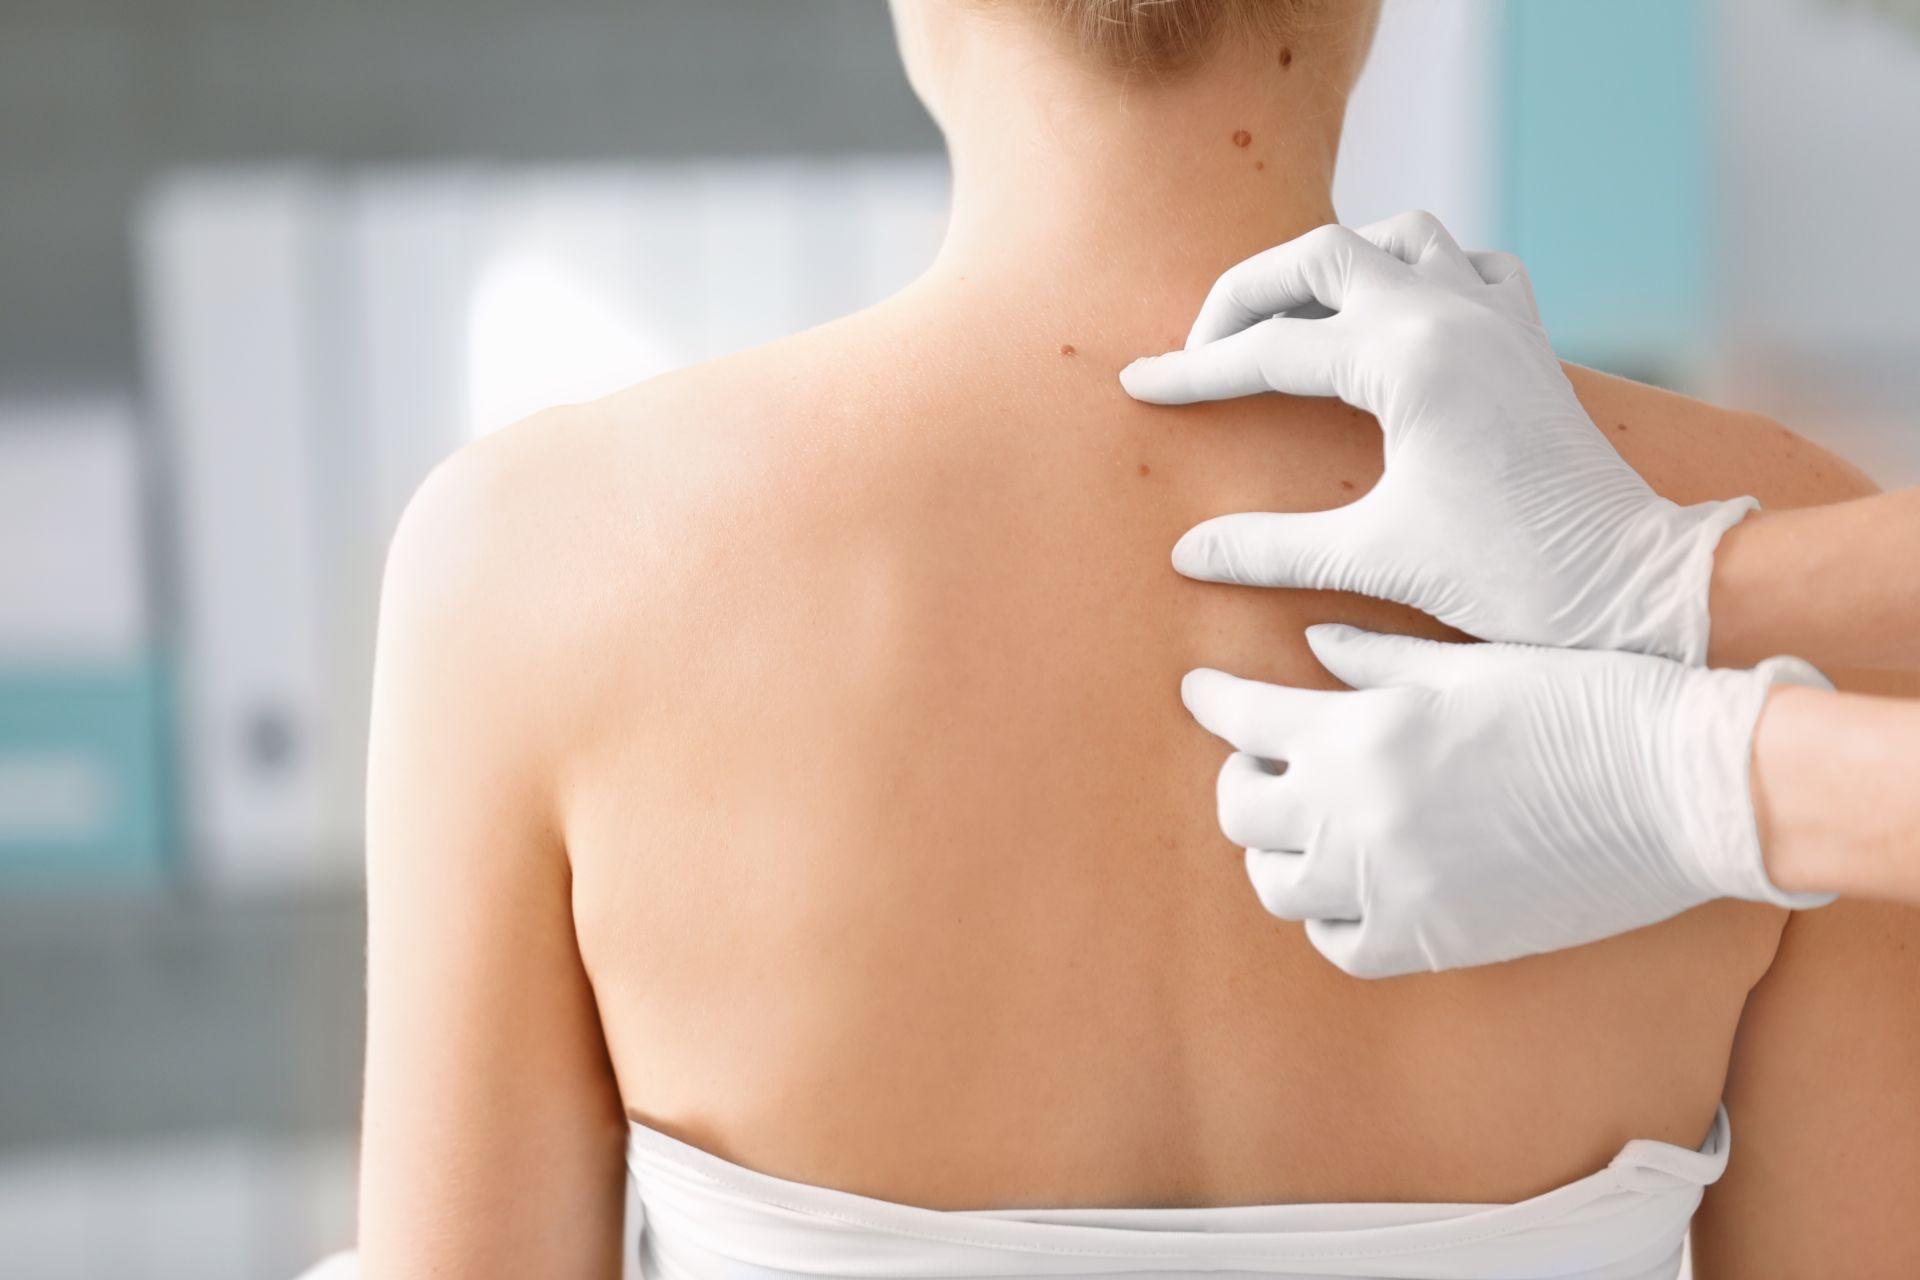 Estudo dinamarquês mostrou uma associação entre pessoas que consumiam um remédio contra pressão alta e o desenvolvimento do câncer de pele não-melanoma (Foto: Bigstock)